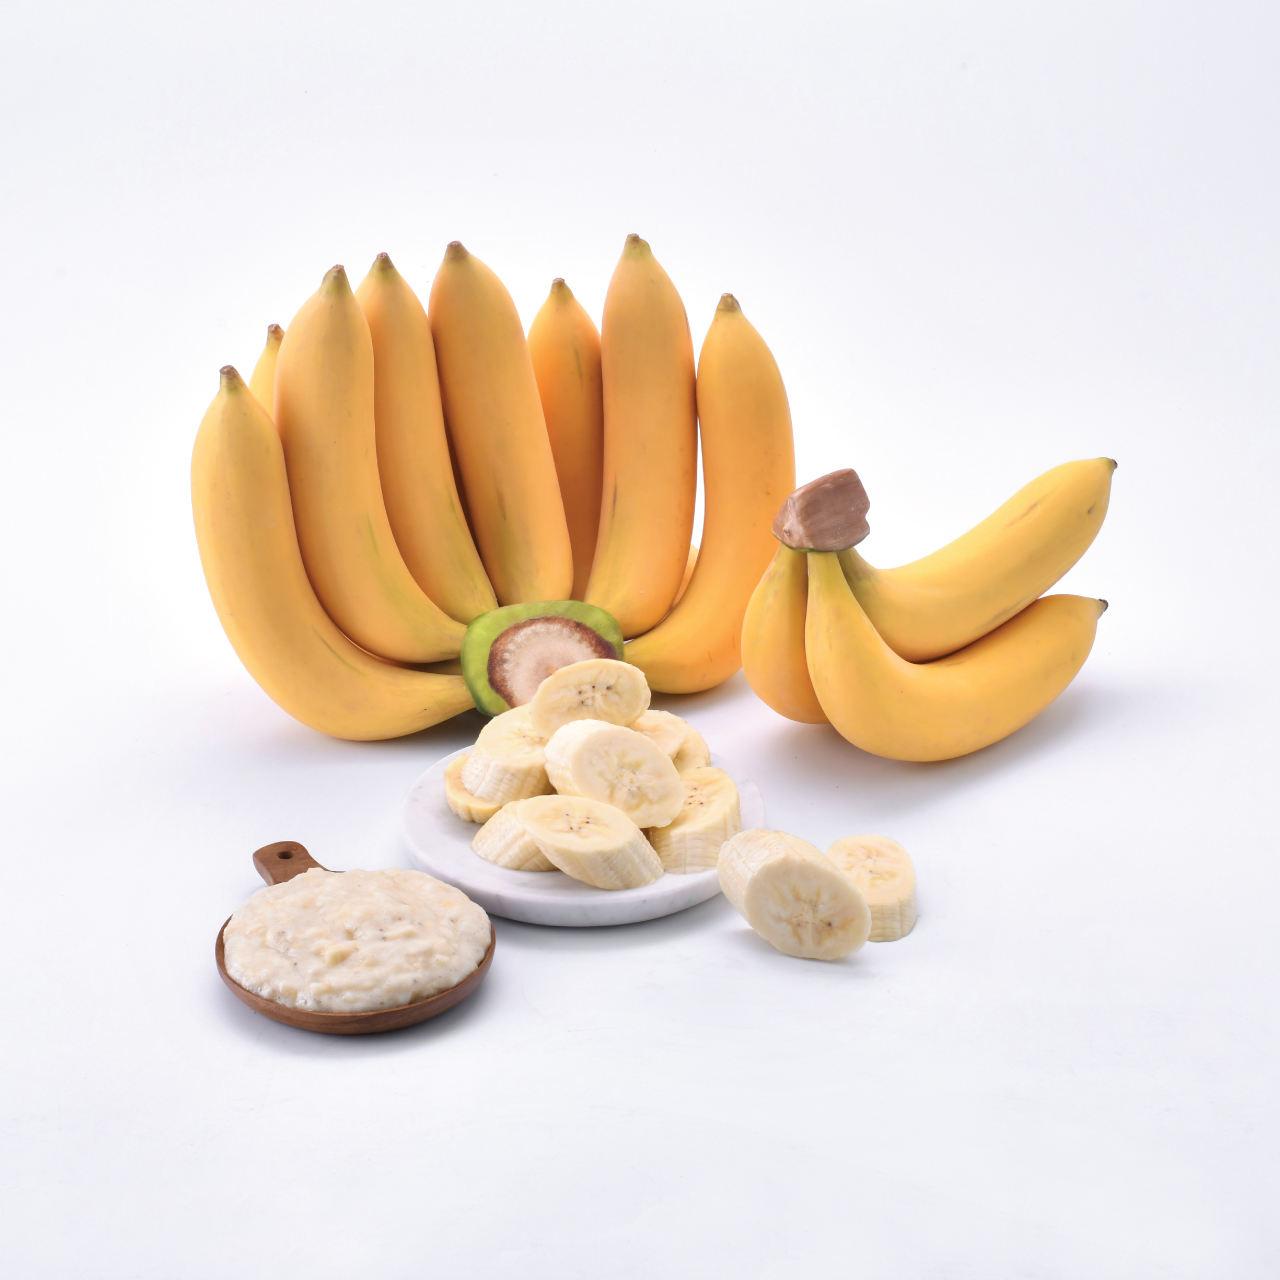 Thakolsri Farm - Golden Banana_Hom